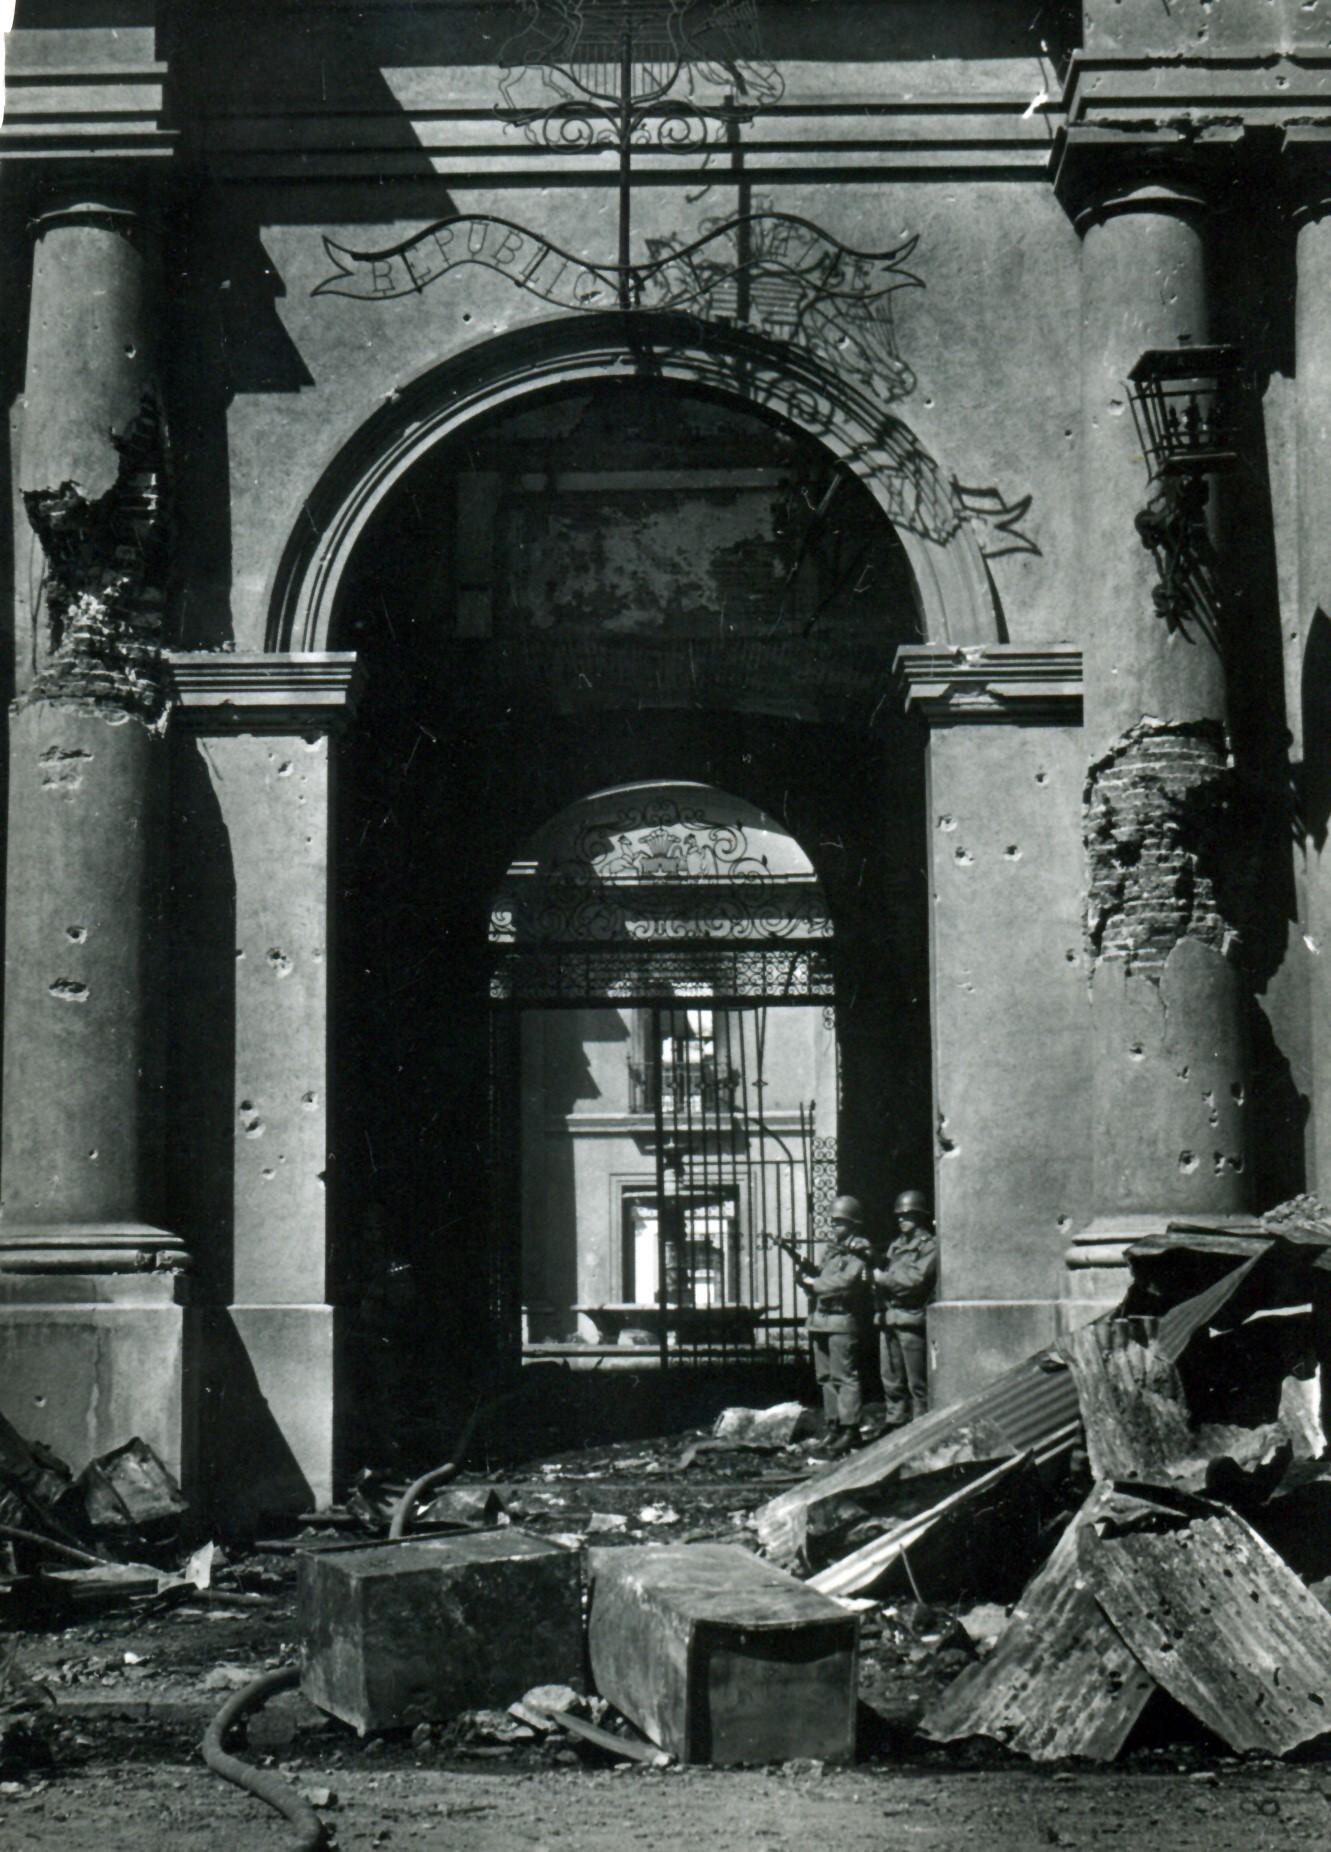 El miércoles 12, temprano en la mañana, lo que quedó de La Moneda. Foto de Hernán Farías